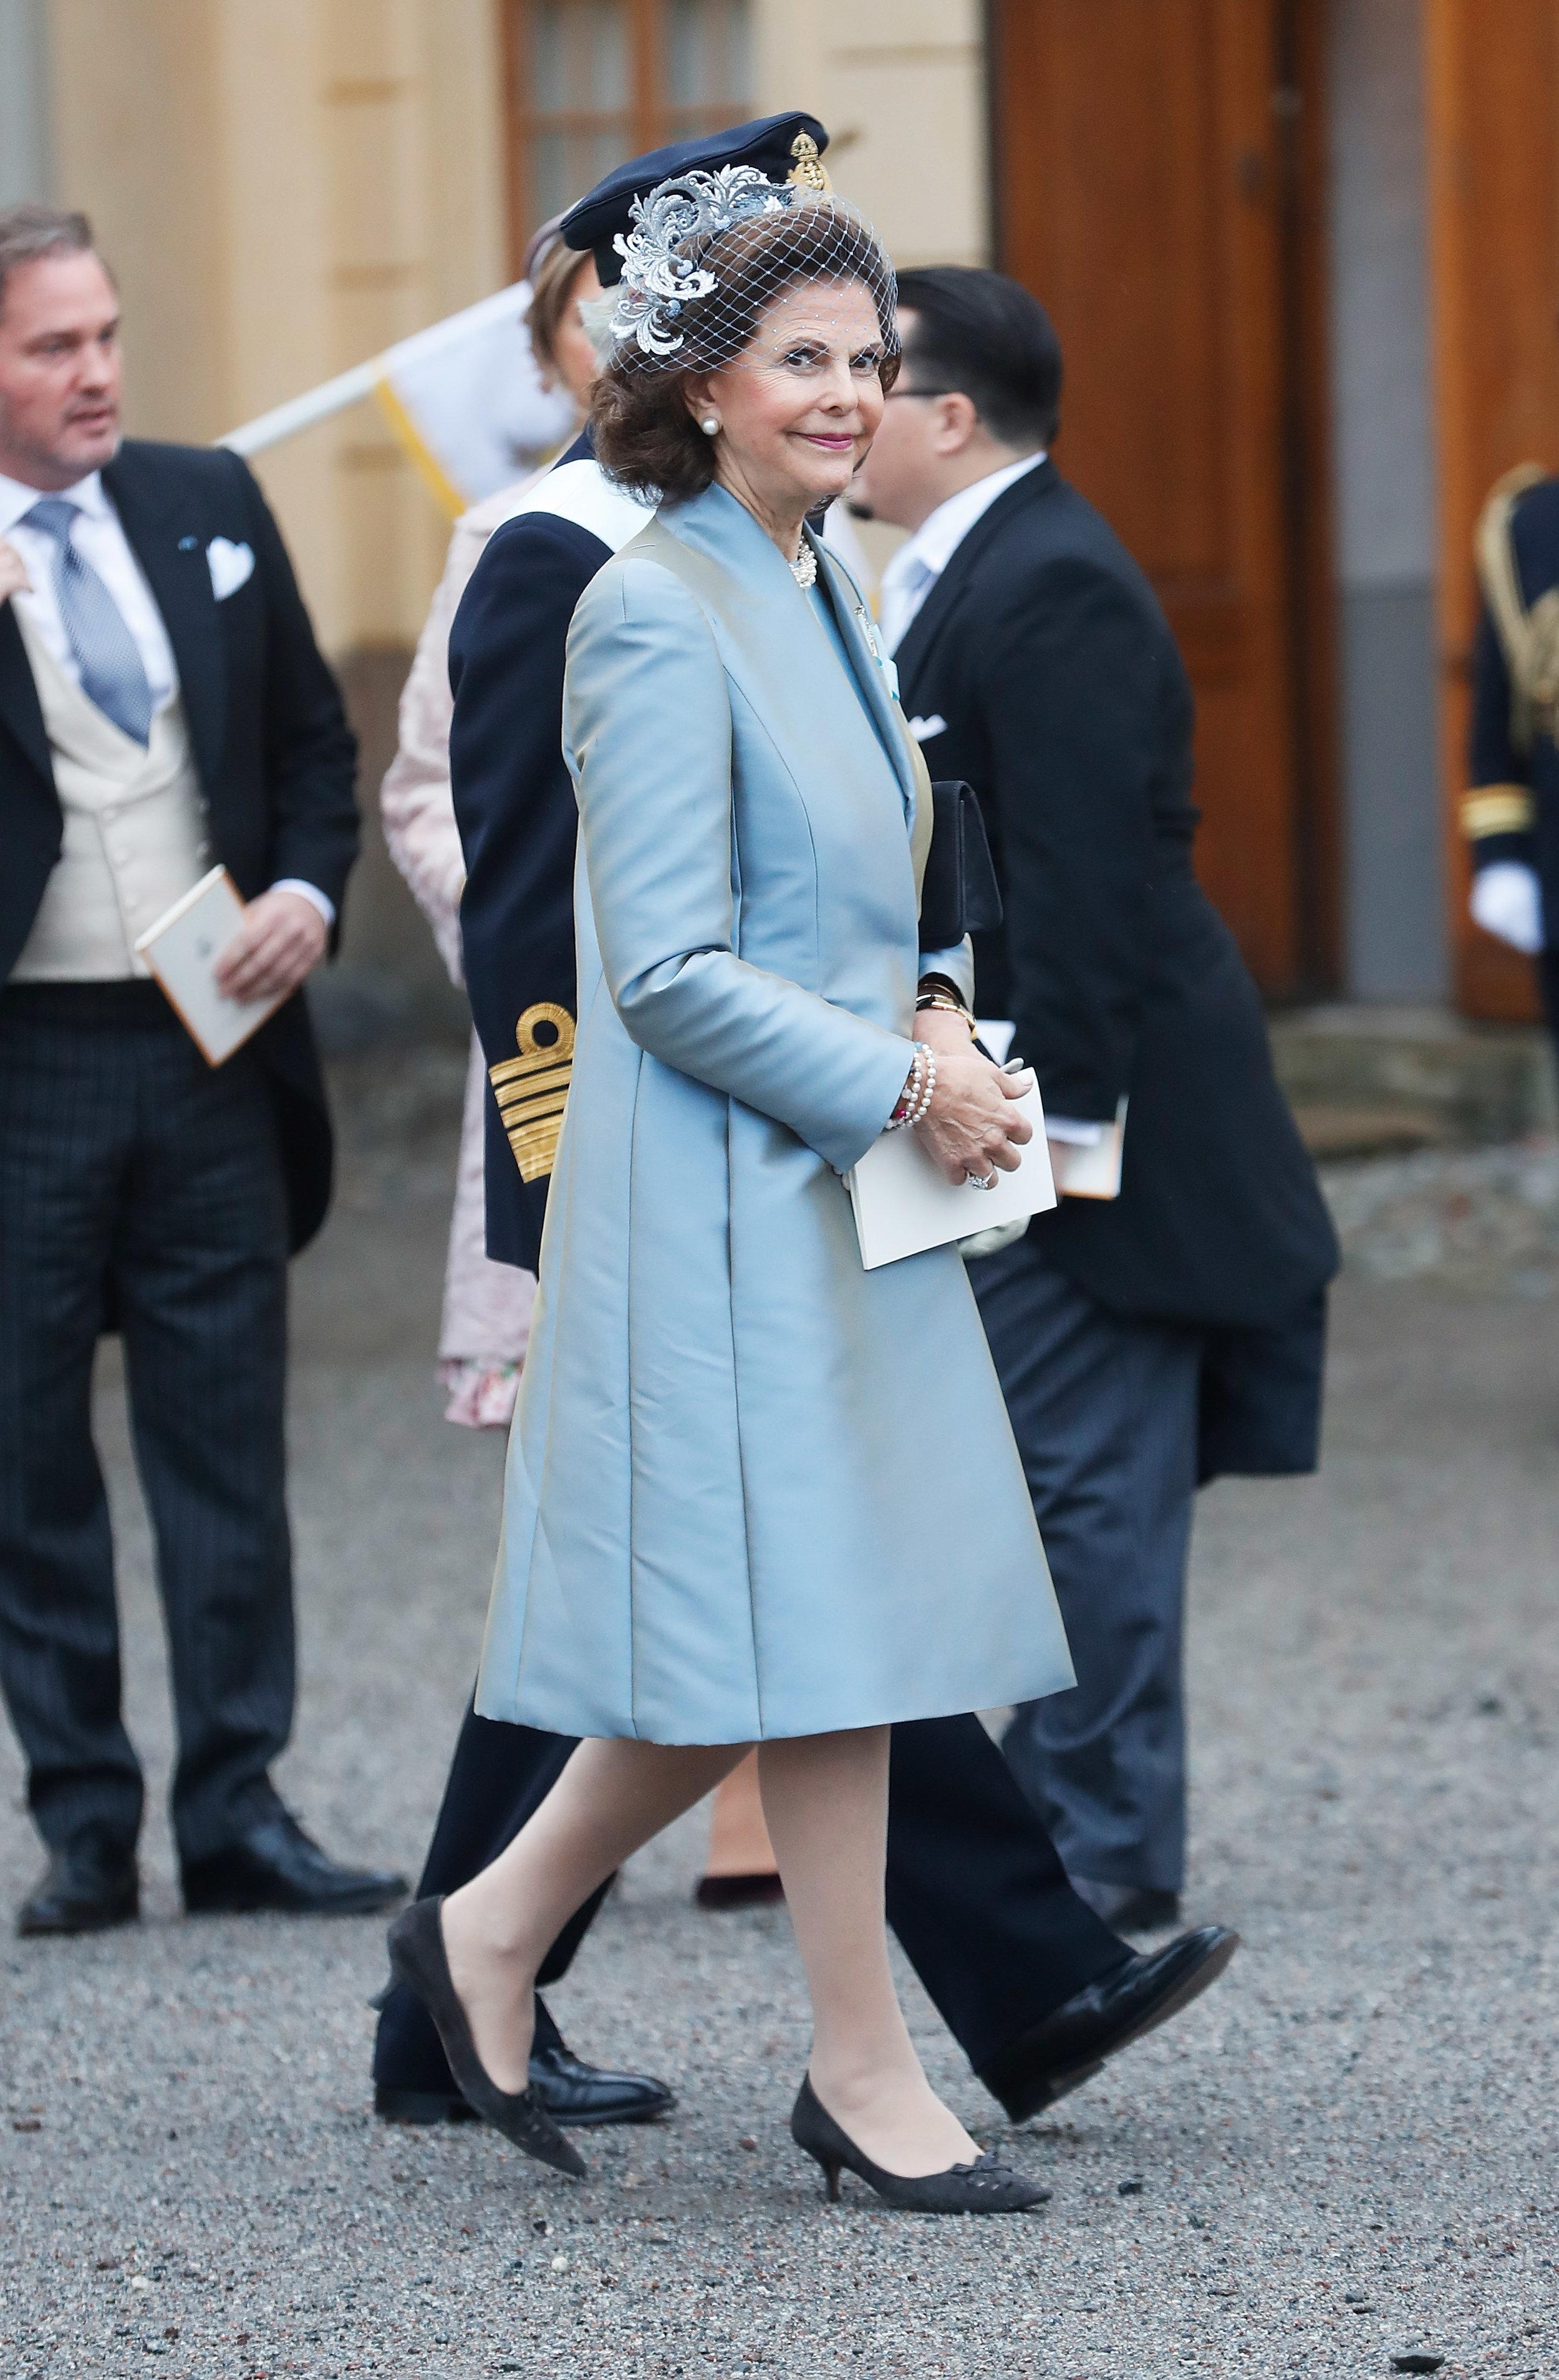 Für ihre Stilsicherheit bekommt Königin Silvia viele Komplimente   Foto: Getty Images